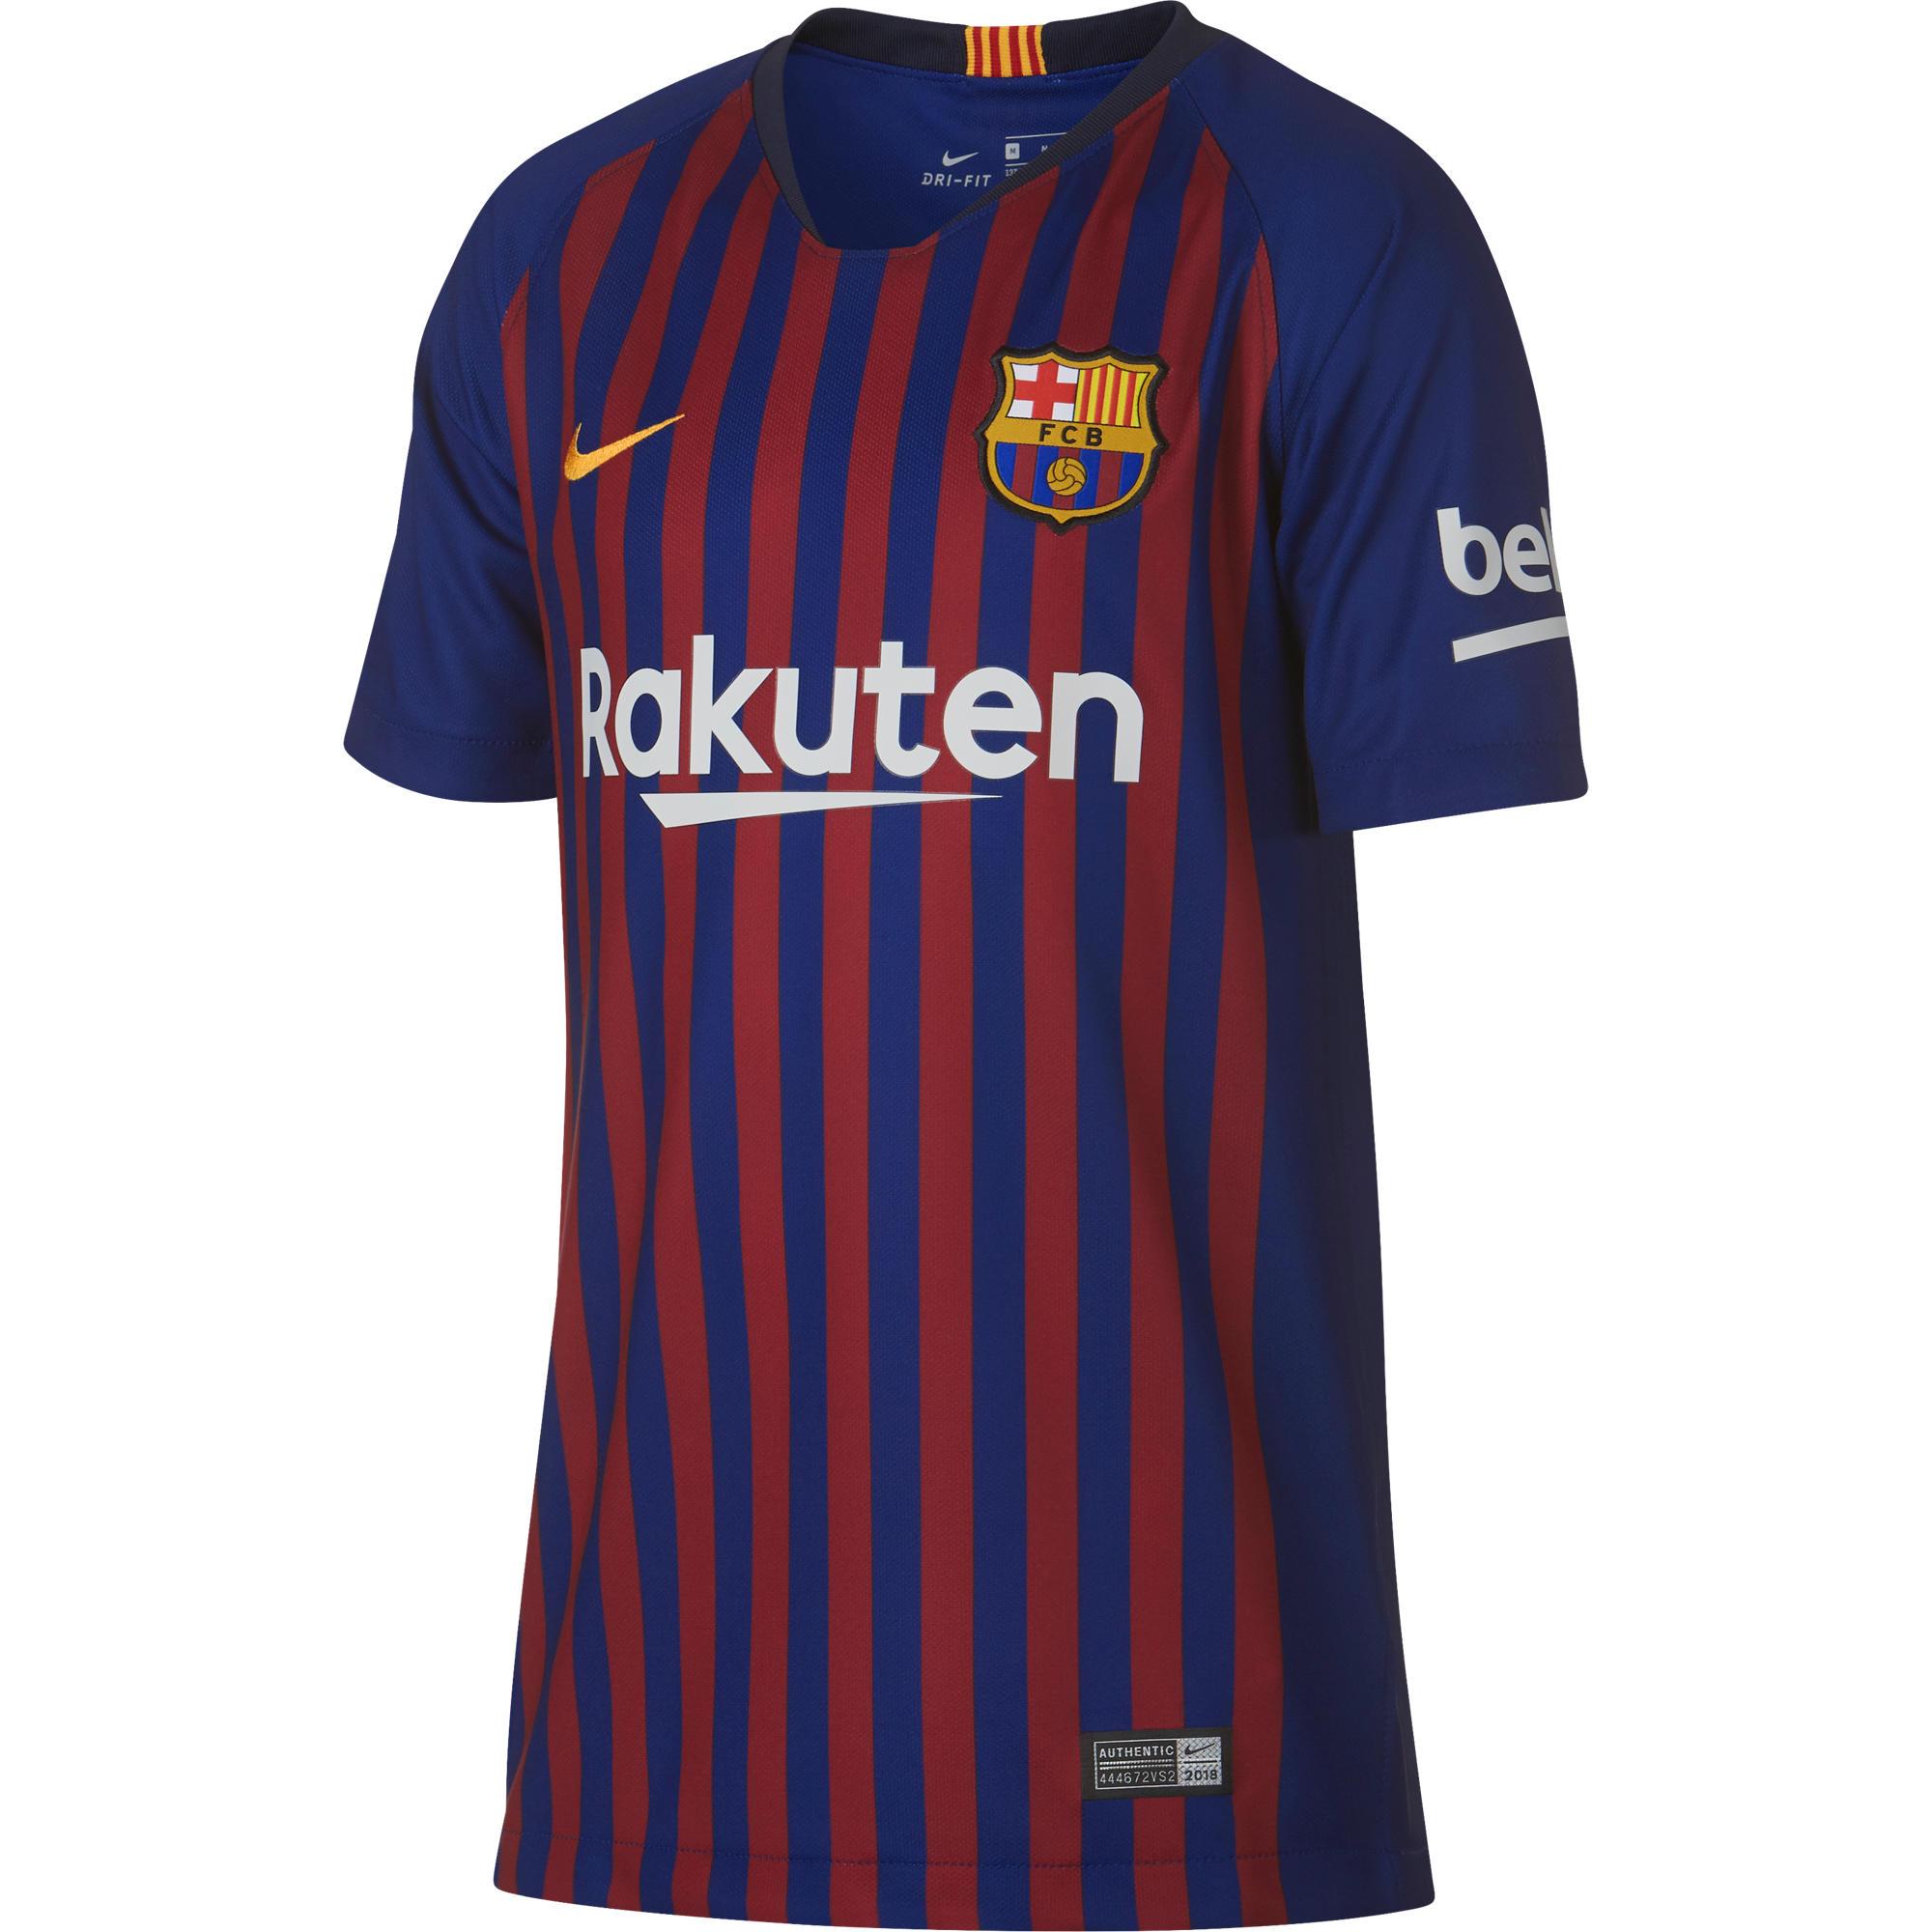 Equipación y Camiseta Oficial F.C. Barcelona 18 19  fabad5f1e79b9